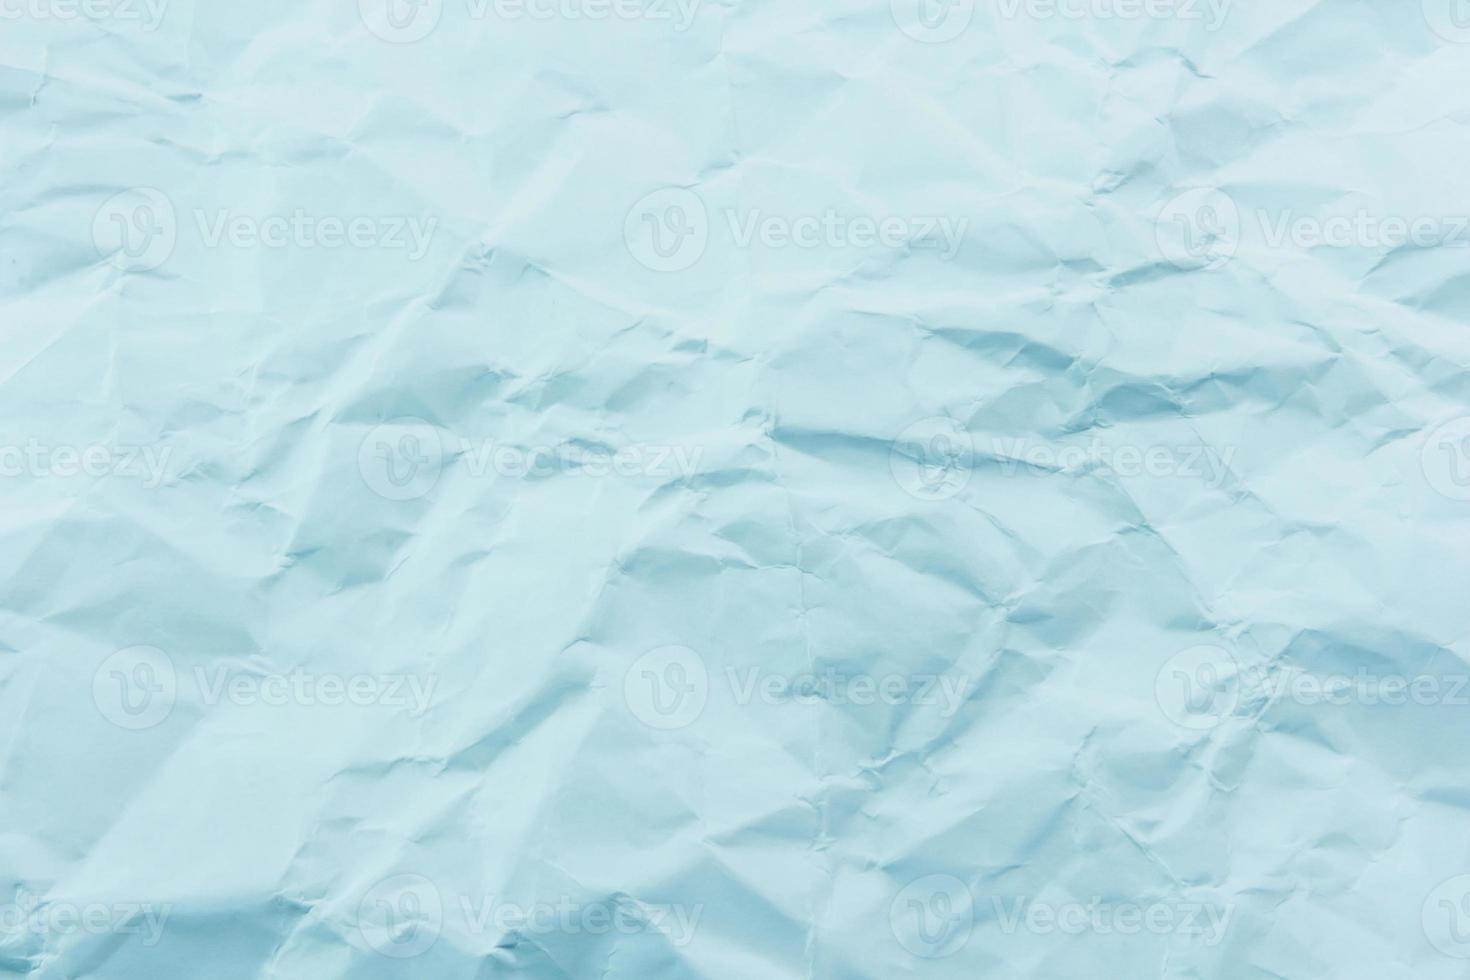 papier bleu froissé photo